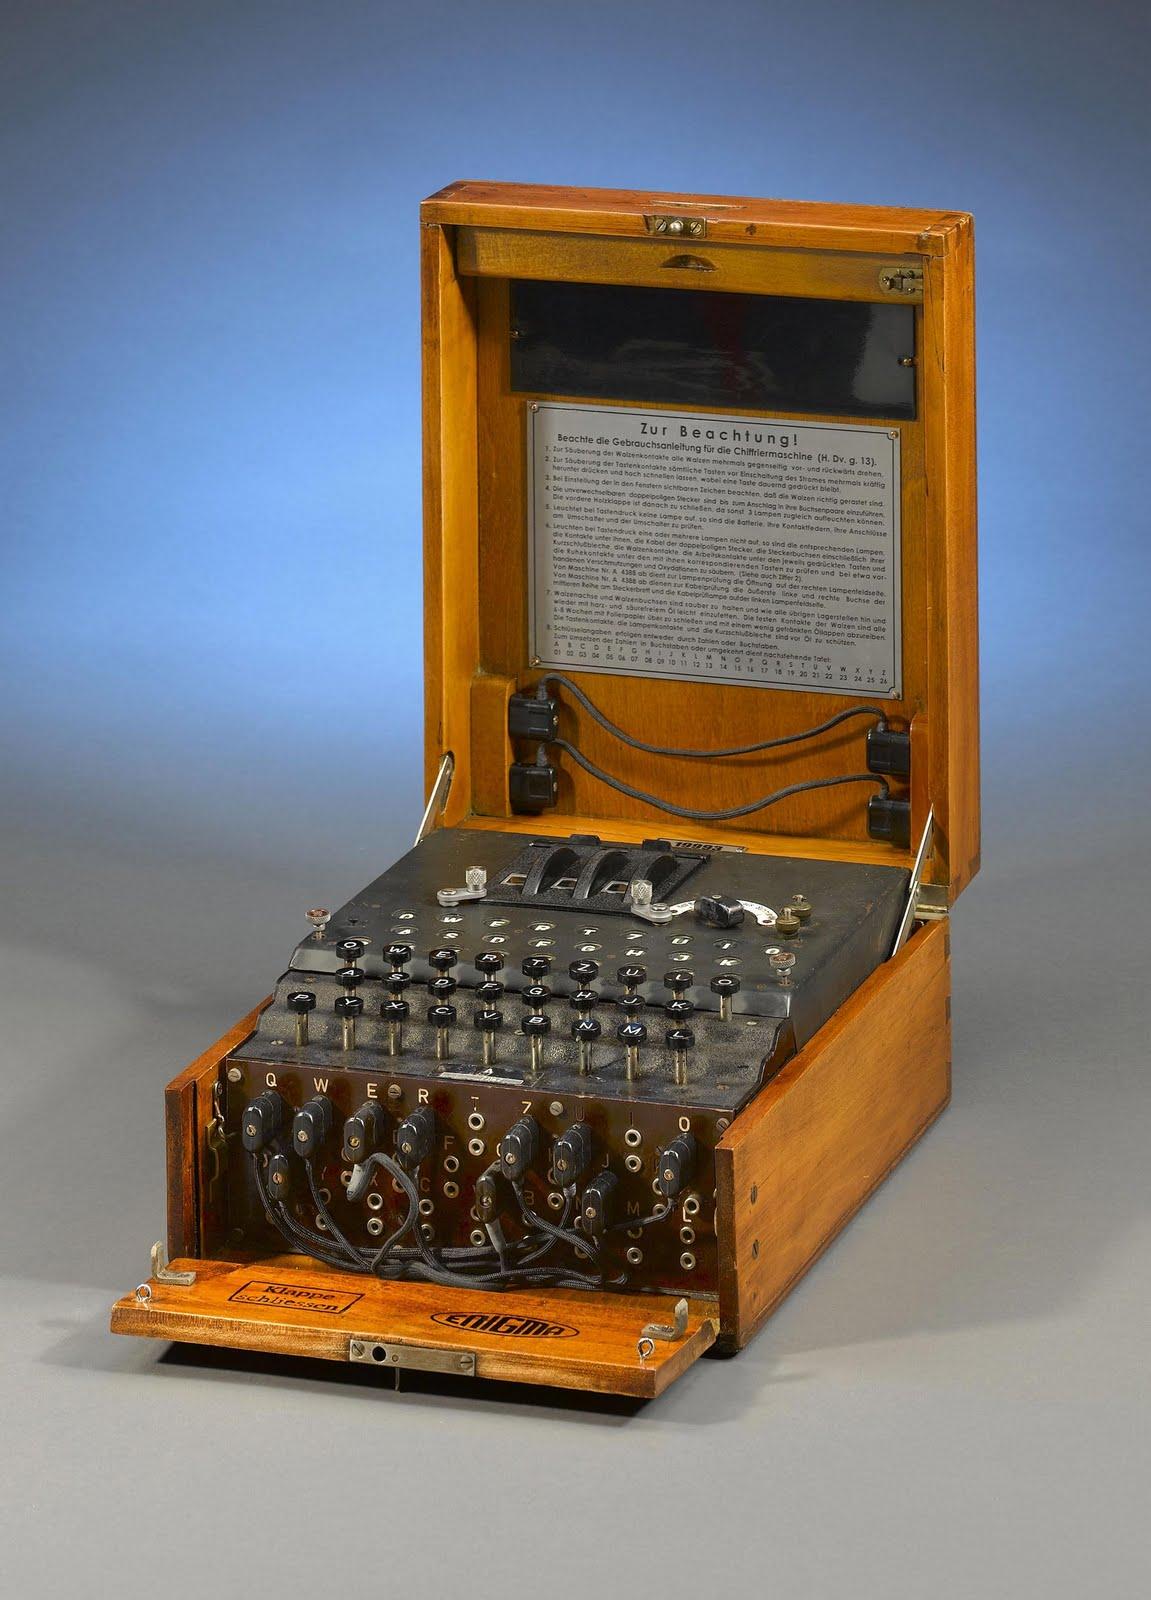 ushproject/VenessaL: Enigma machine WW2